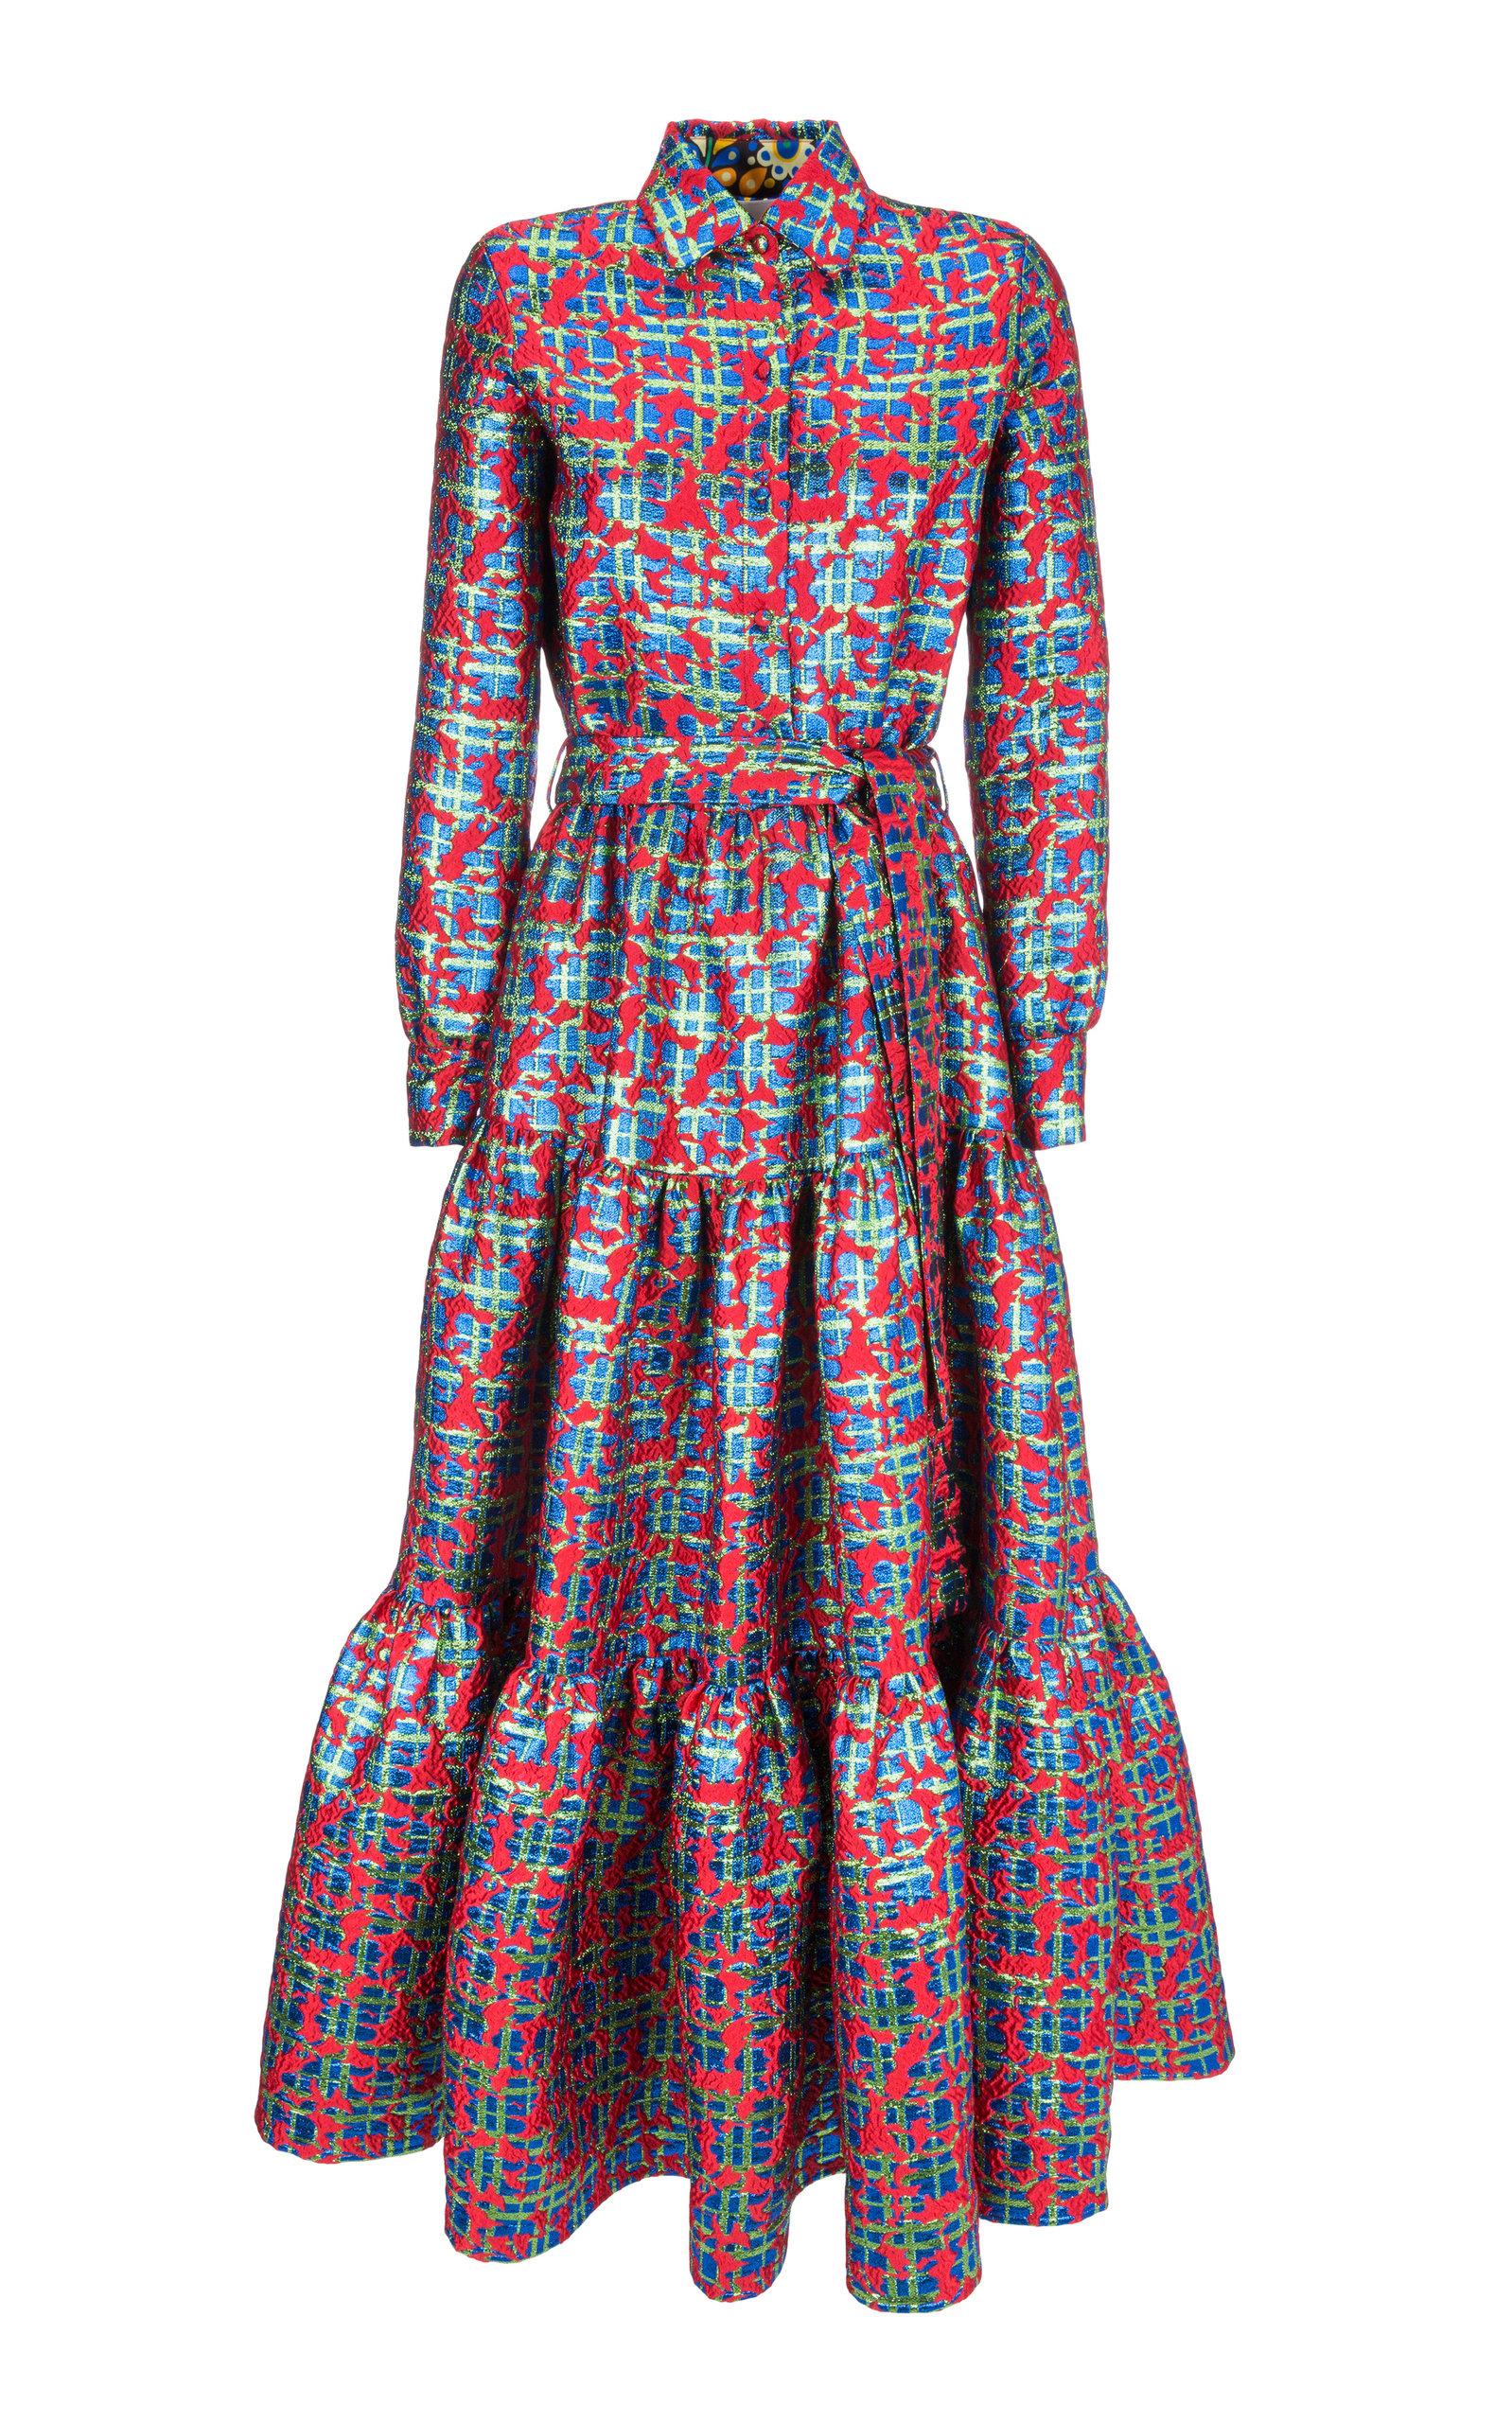 addf7e3c89b97 La DoubleJBellini Dress. CLOSE. Loading